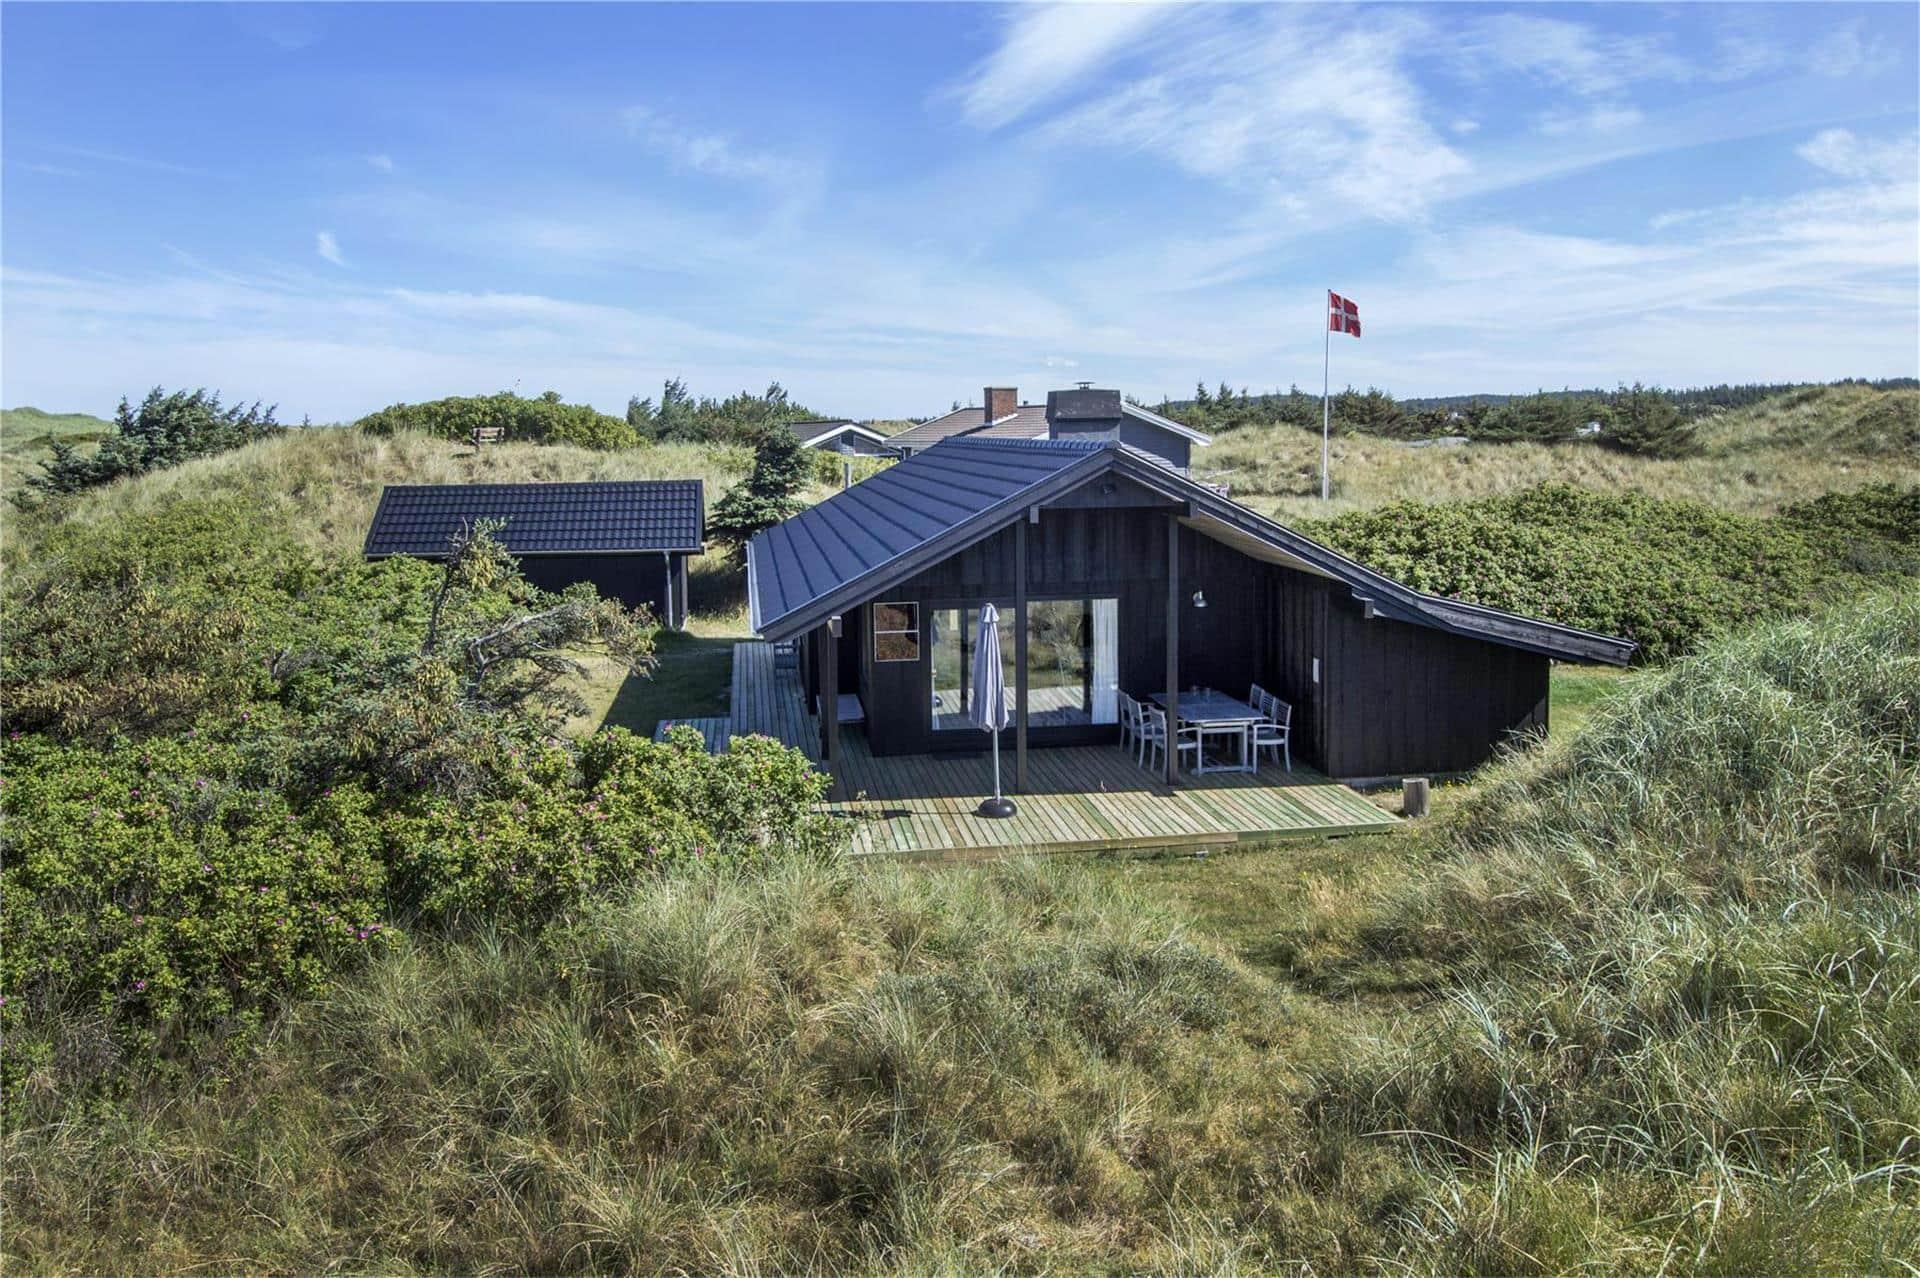 Afbeelding 1-14 Vakantiehuis 121, Bag Havstokken 8, DK - 9493 Saltum